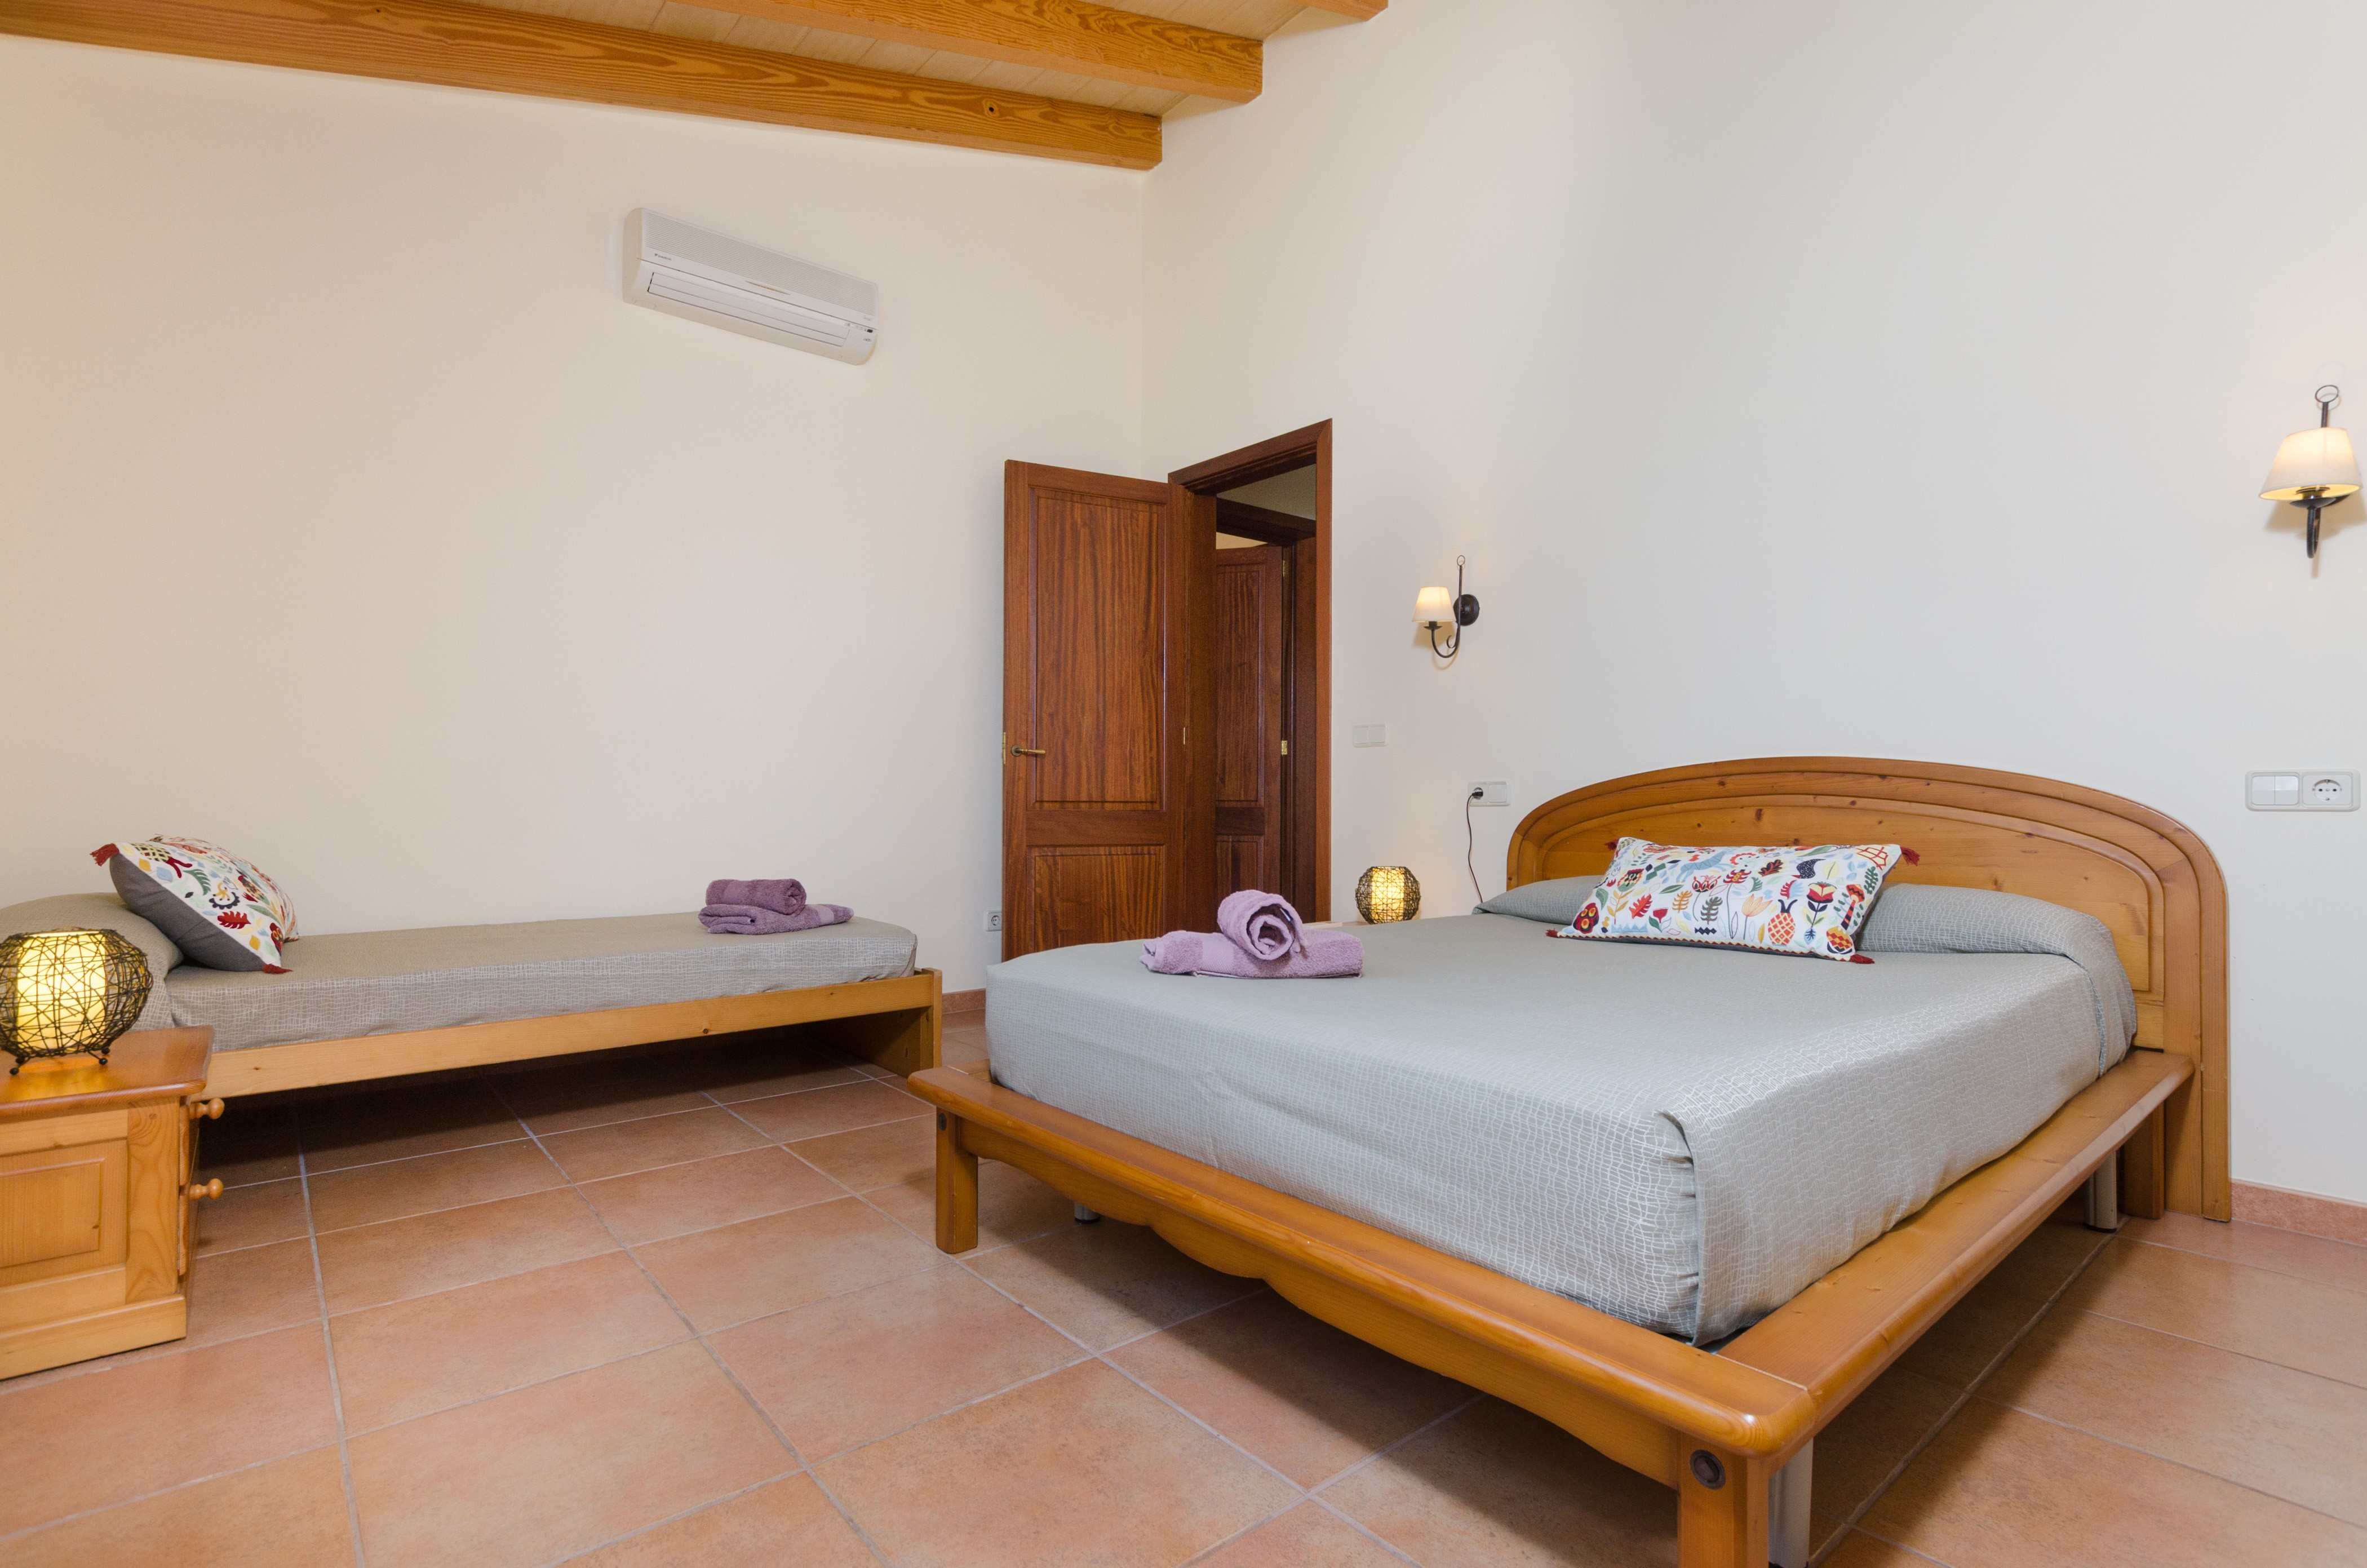 Maison de vacances ES VEDAT (2632993), Lloret de Vistalegre, Majorque, Iles Baléares, Espagne, image 24